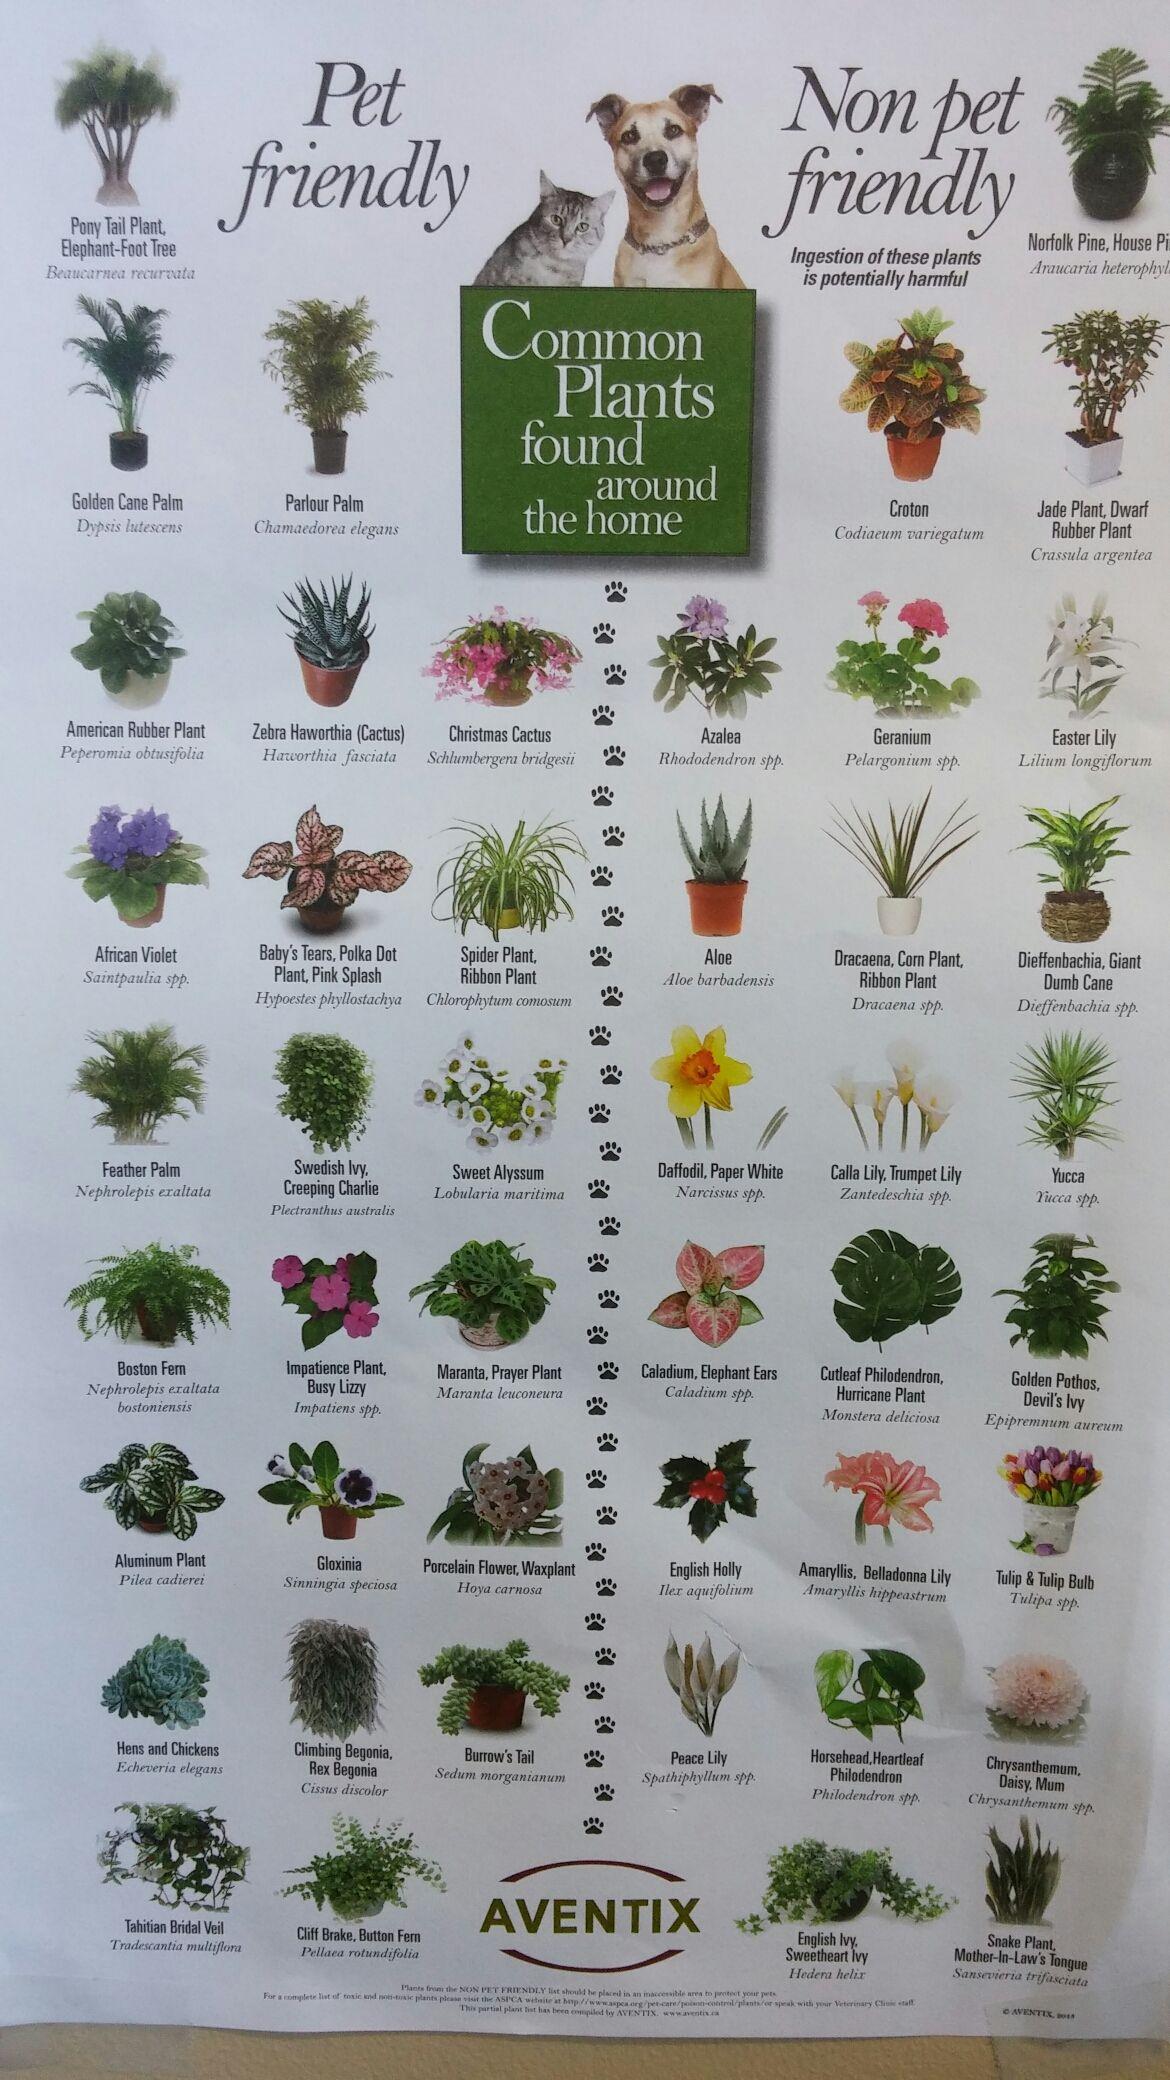 Wpid 20150620 091855 Jpg 1 170 2 080 Pixels Plants Poisonous Plants Outdoor Plants